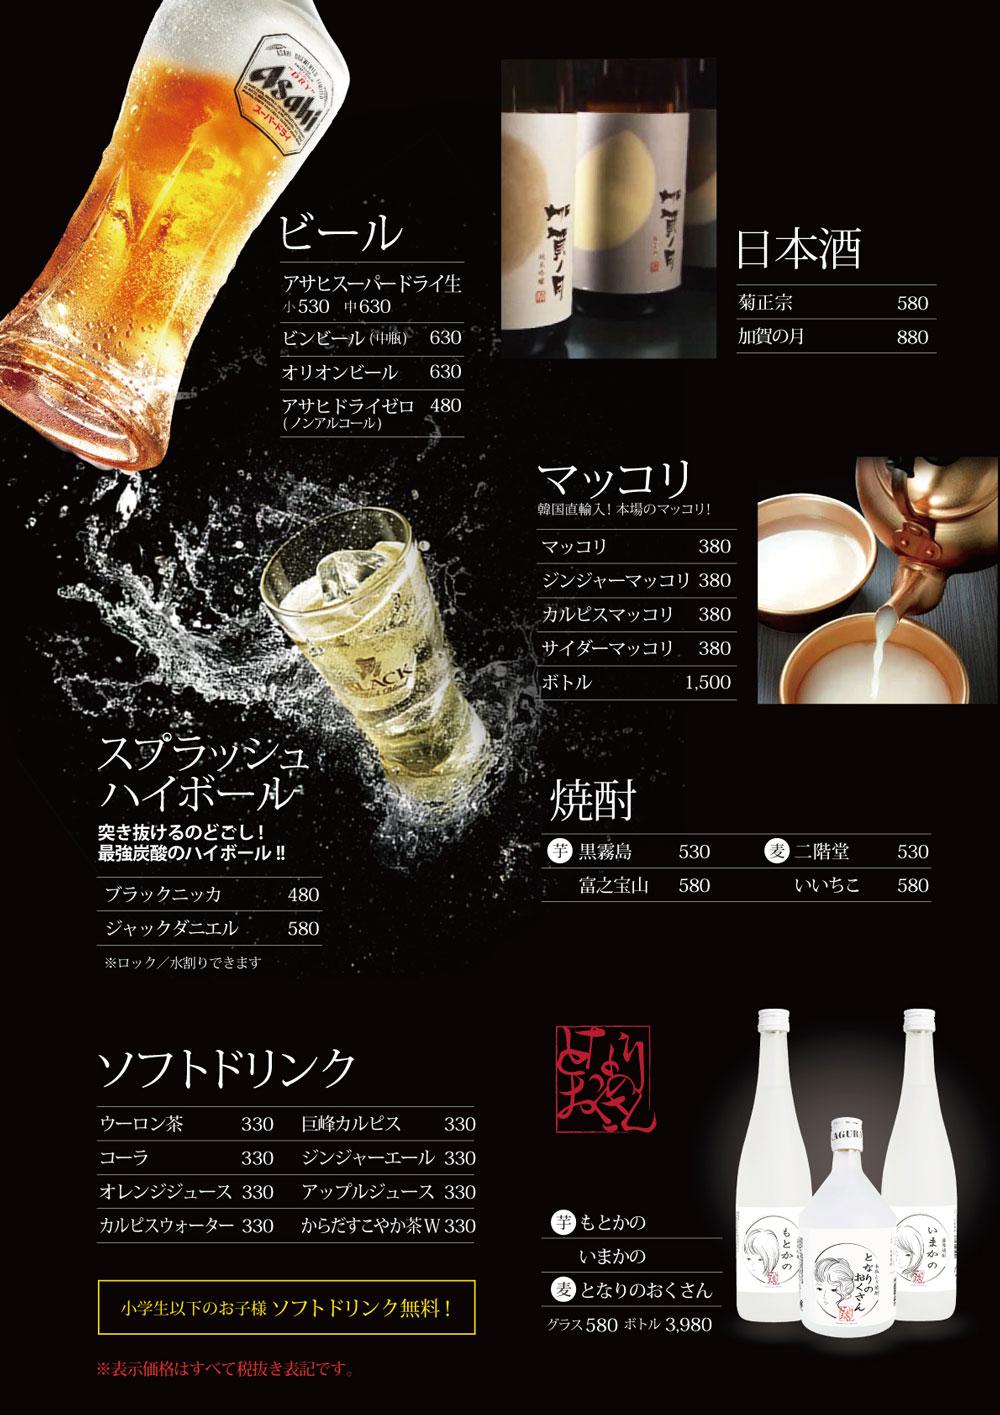 ドリンク・ビール